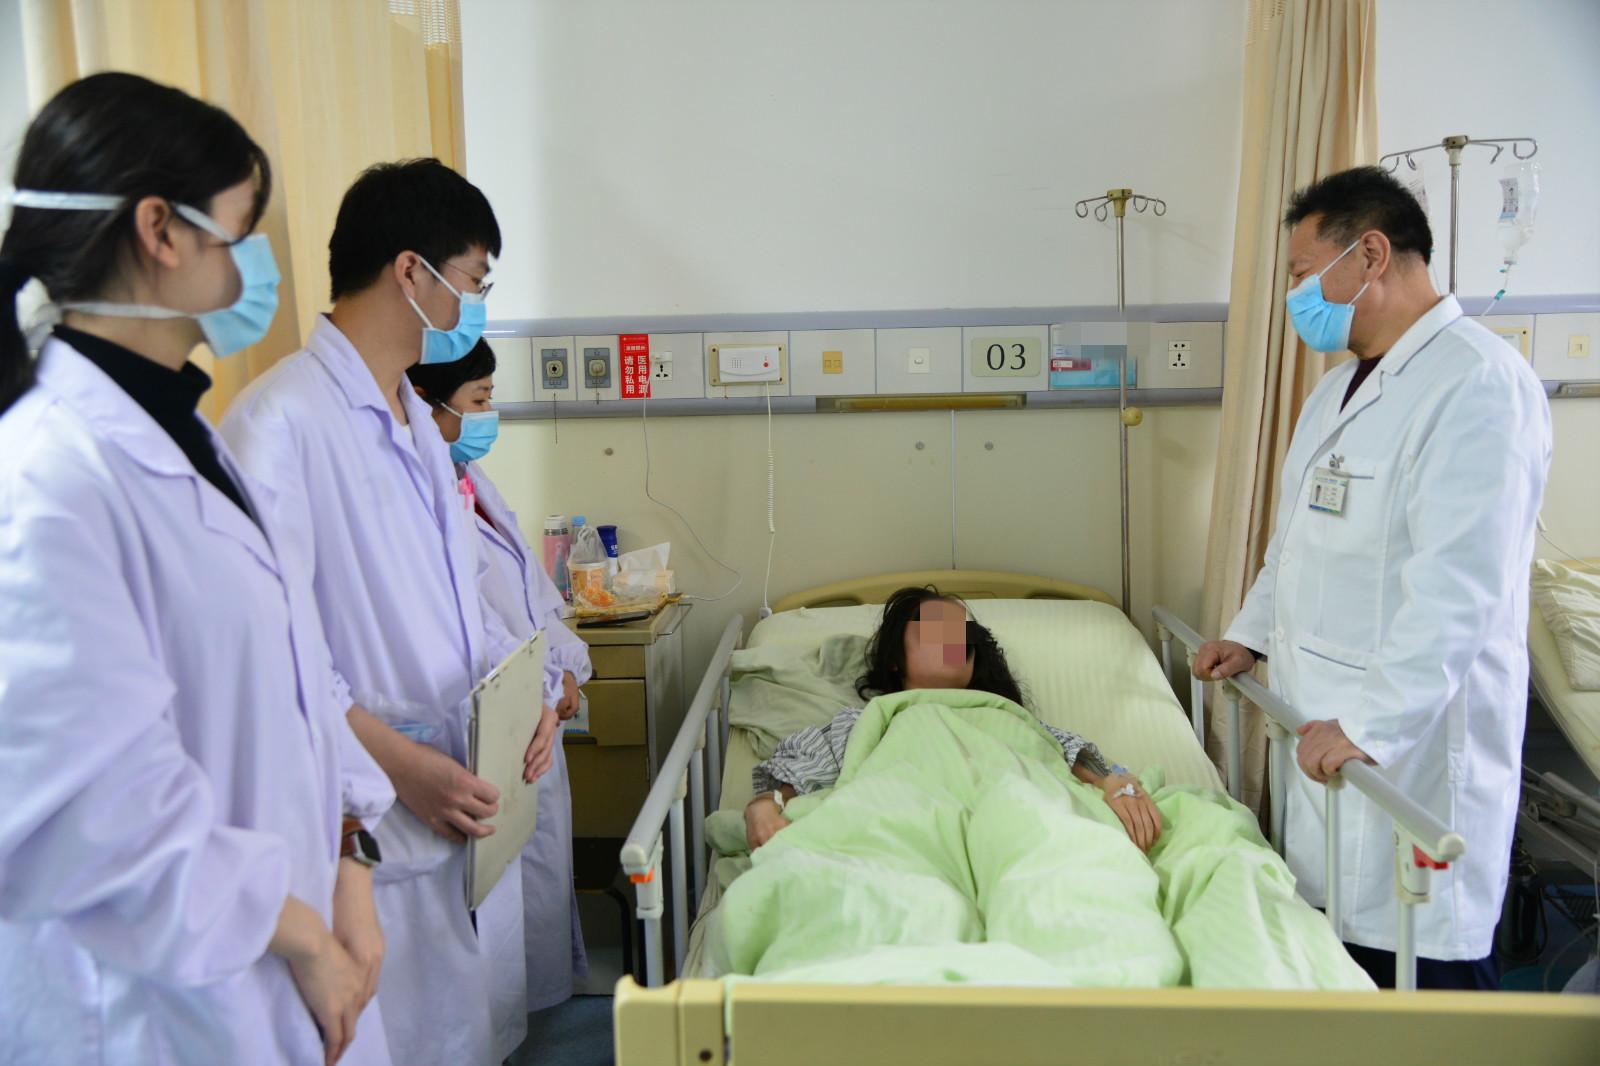 13岁少女先天无阴道,西安交大一附院专家用羊膜重建,助其恢复女儿身